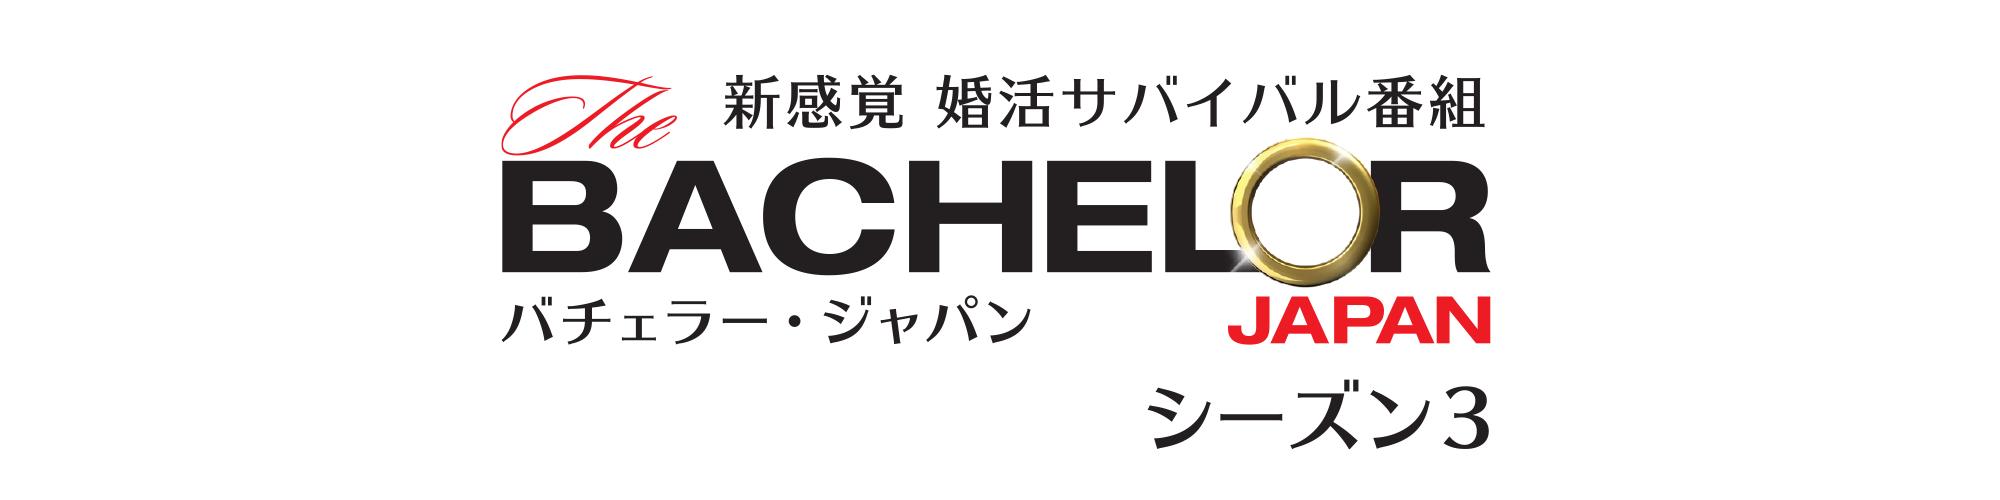 バチェラージャパン